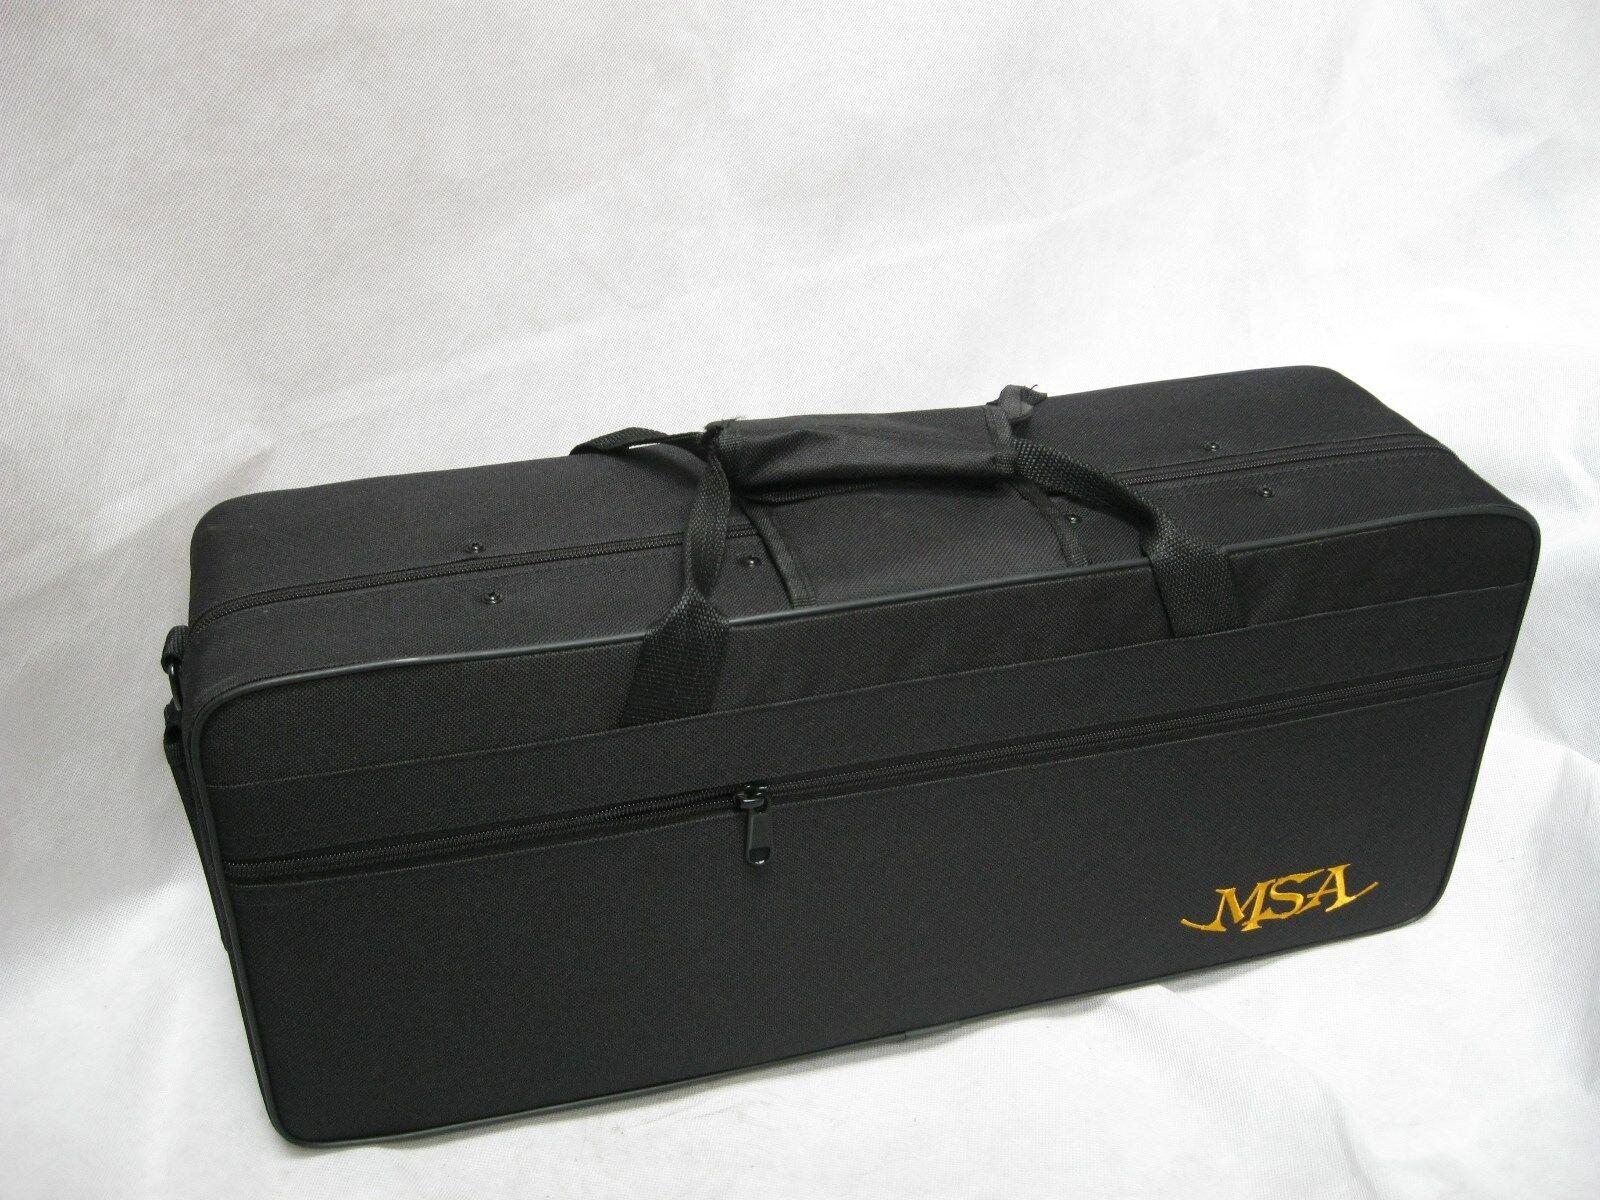 Bb - TROMPETE (rot, schwarz, gold) im Softkoffer SET + Mundstück -BLASINSTRUMENT